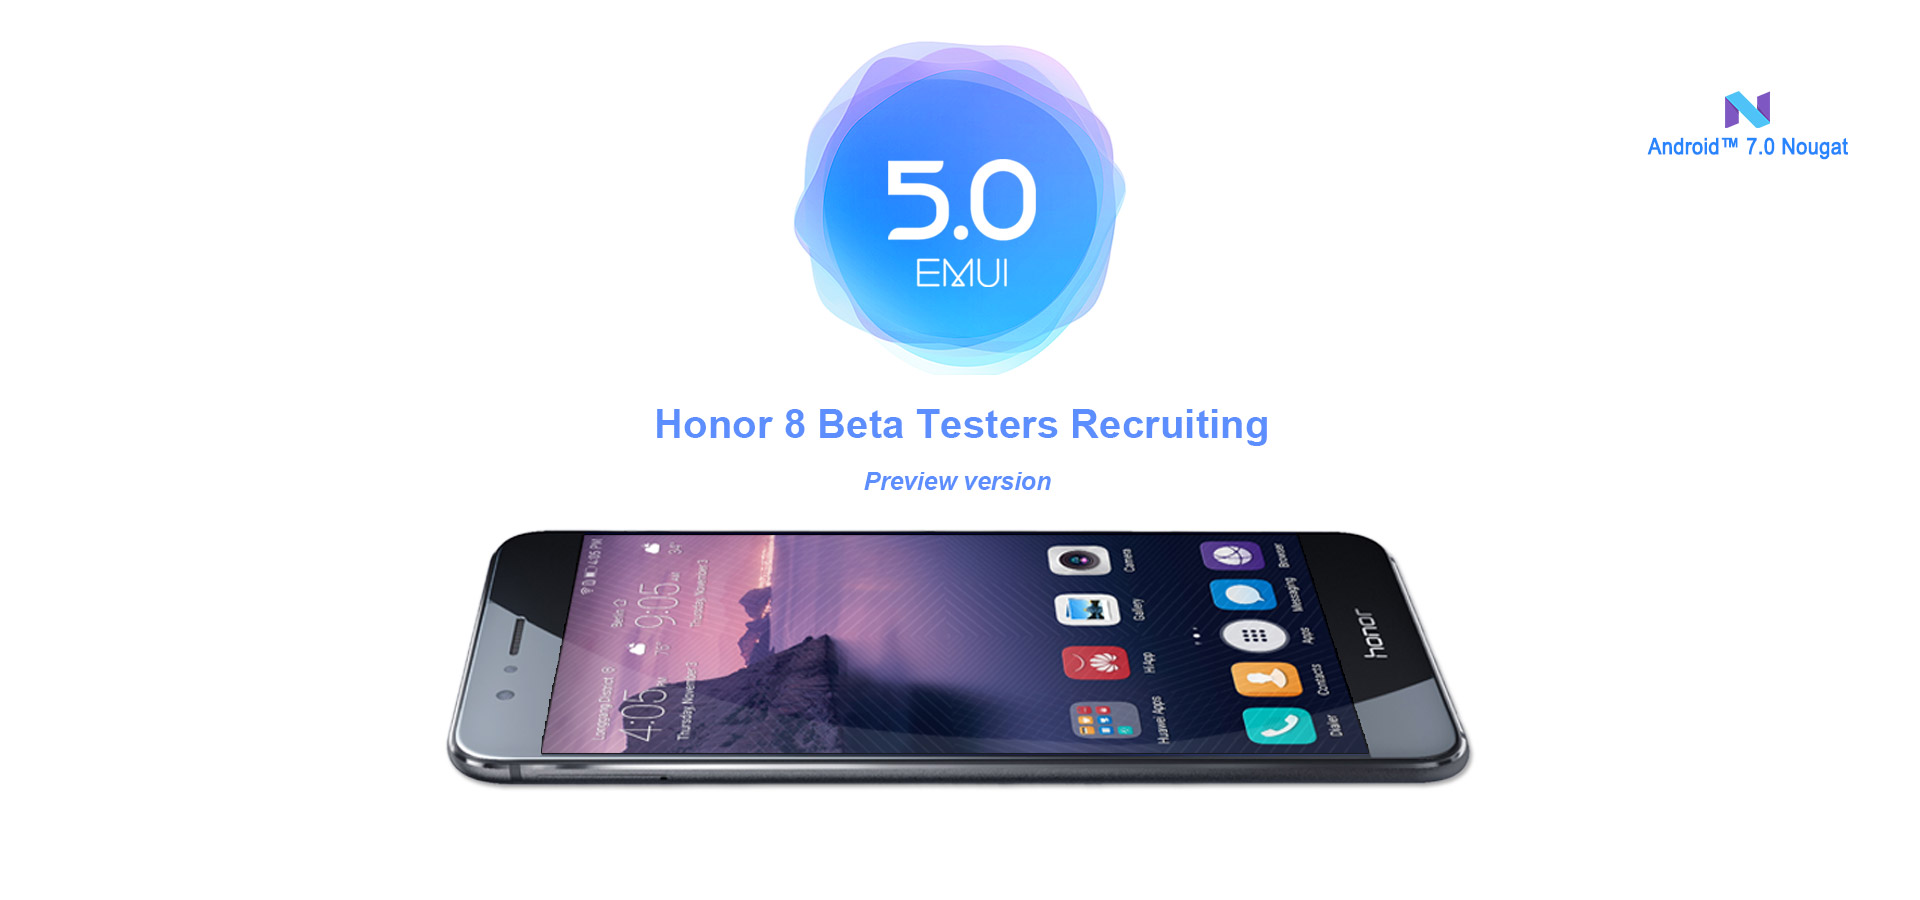 اندروید نوقا بهصورت آزمایشی برای کاربران داوطلب Honor 8 عرضه شد